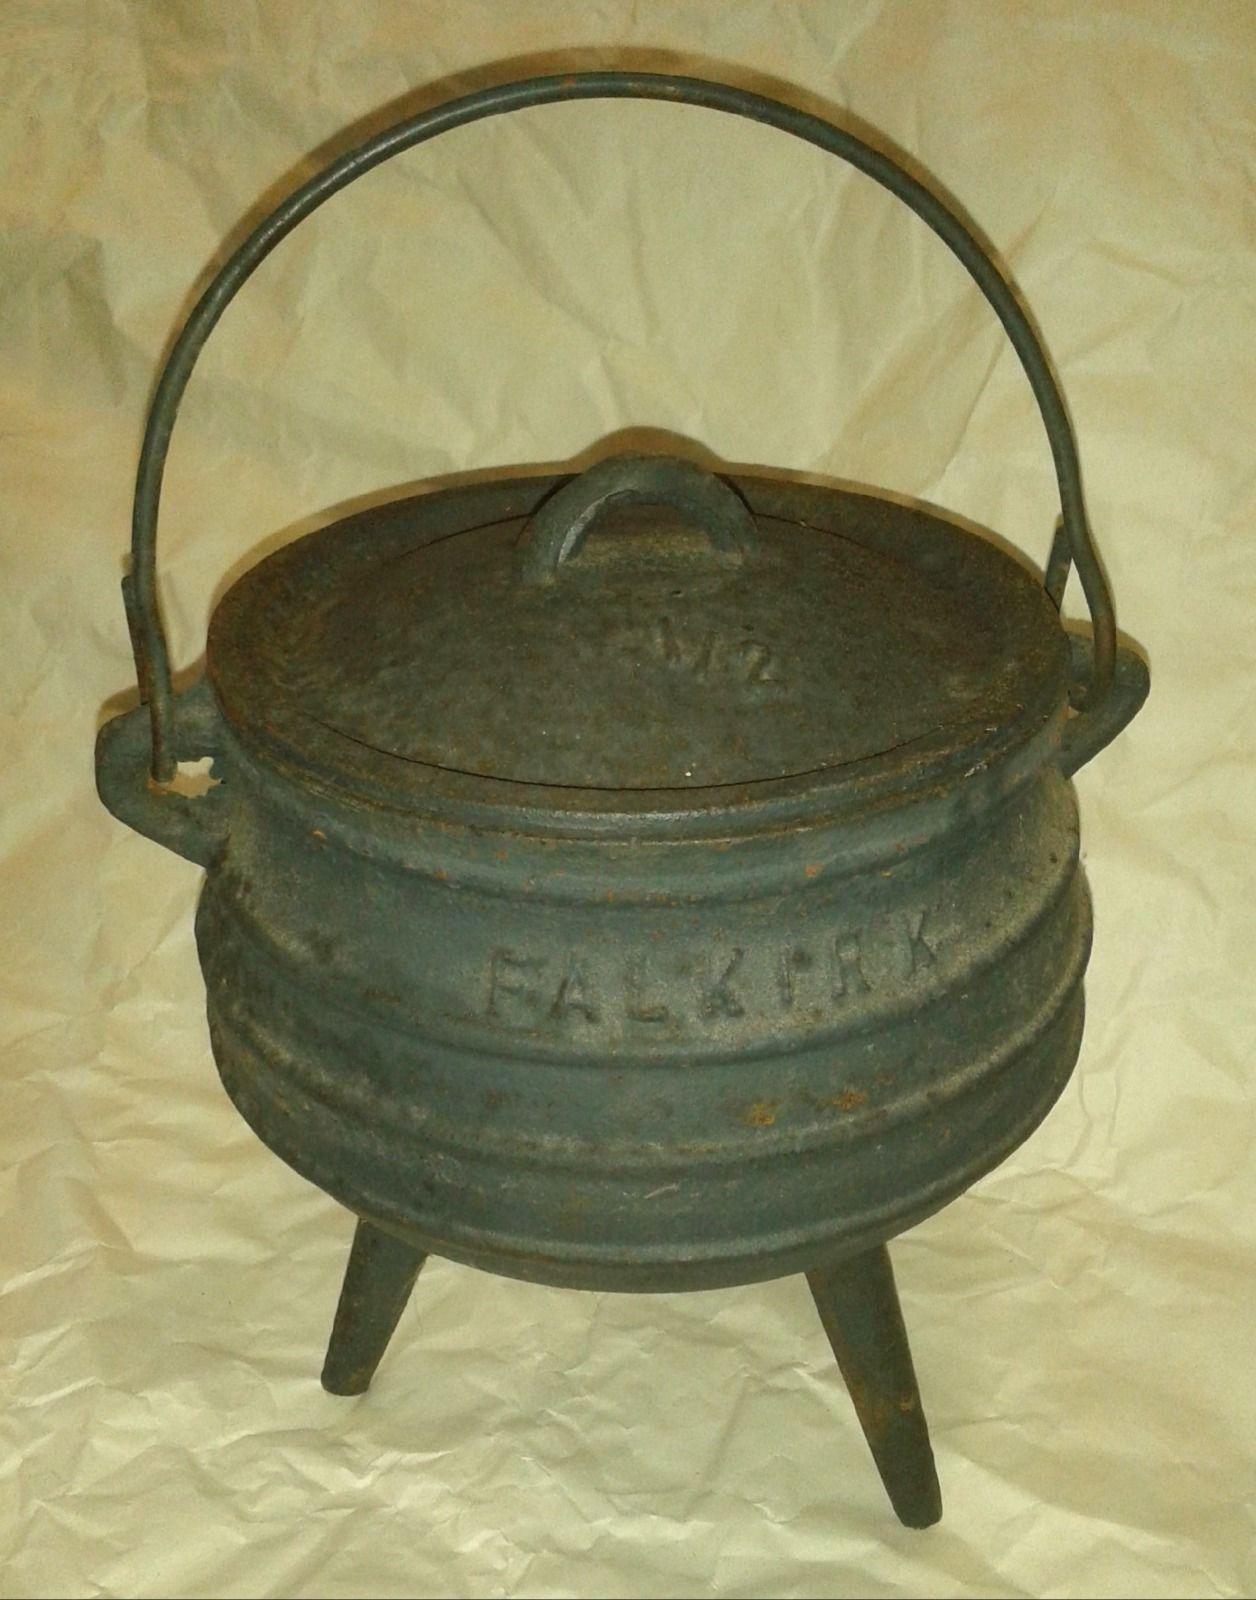 Antique falkirk cast iron cauldron 12 potjie cooking